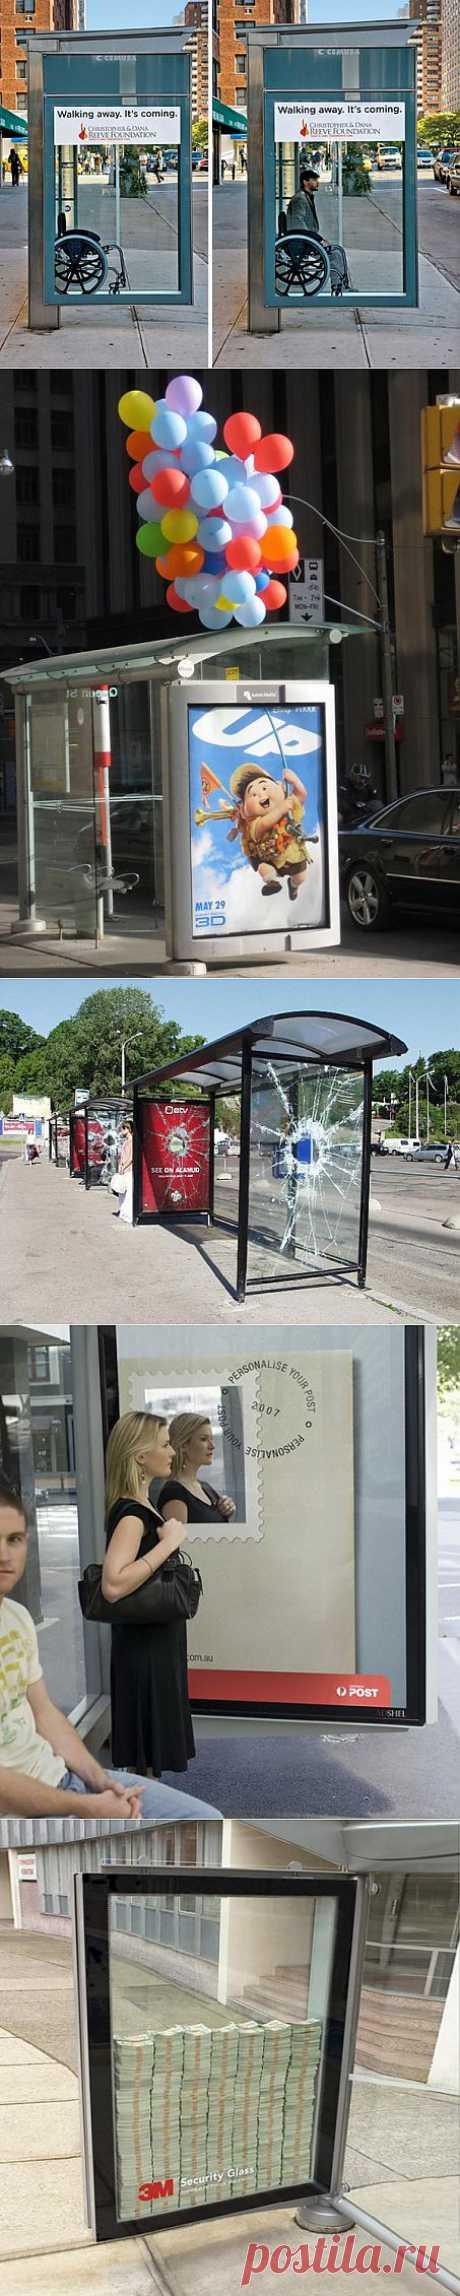 Автобусные остановки с изюминкой